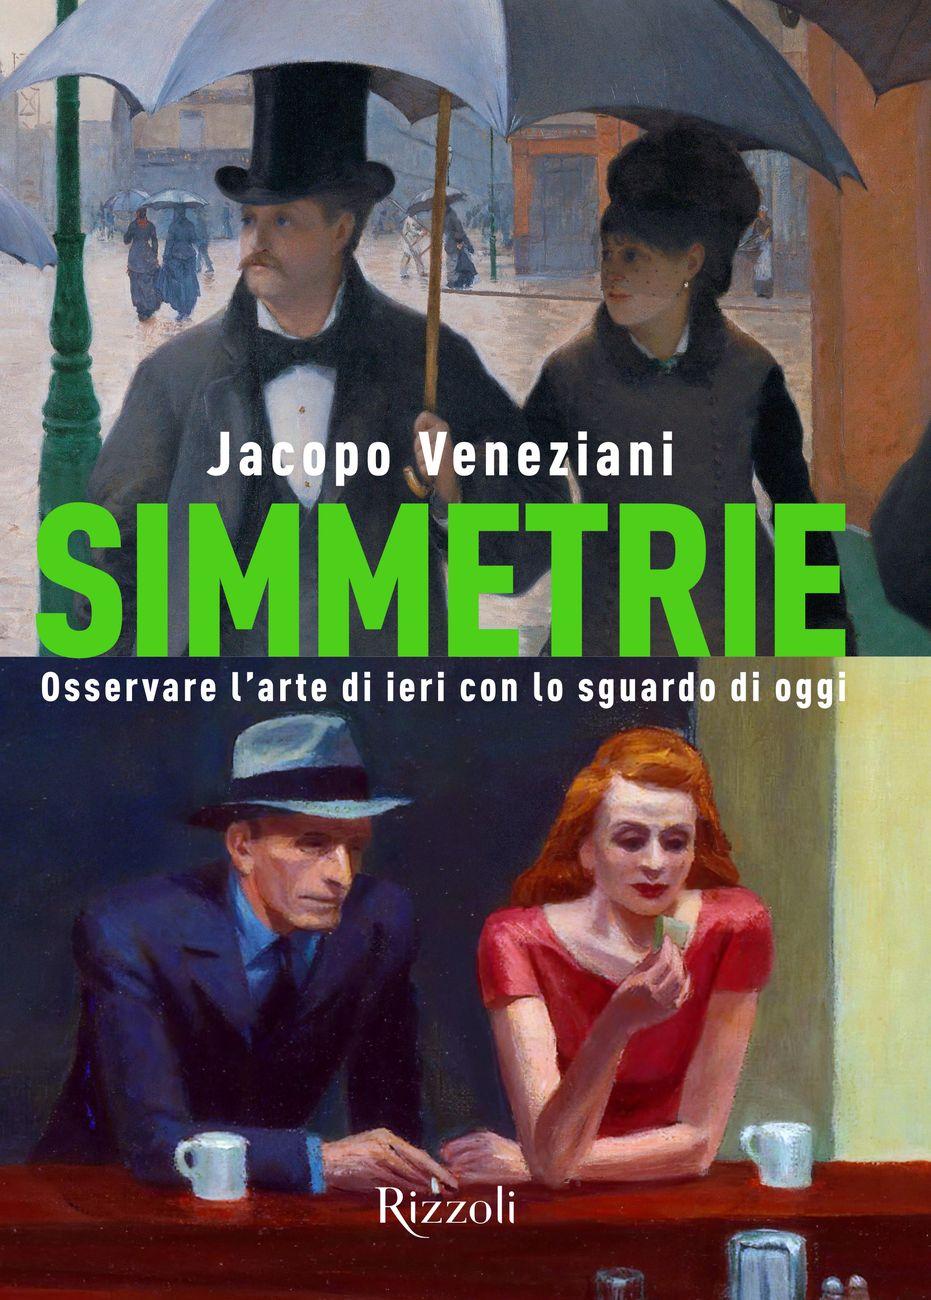 Jacopo Veneziani – Simmetrie. Osservare l'arte di ieri con lo sguardo di oggi (Rizzoli, Milano 2021)